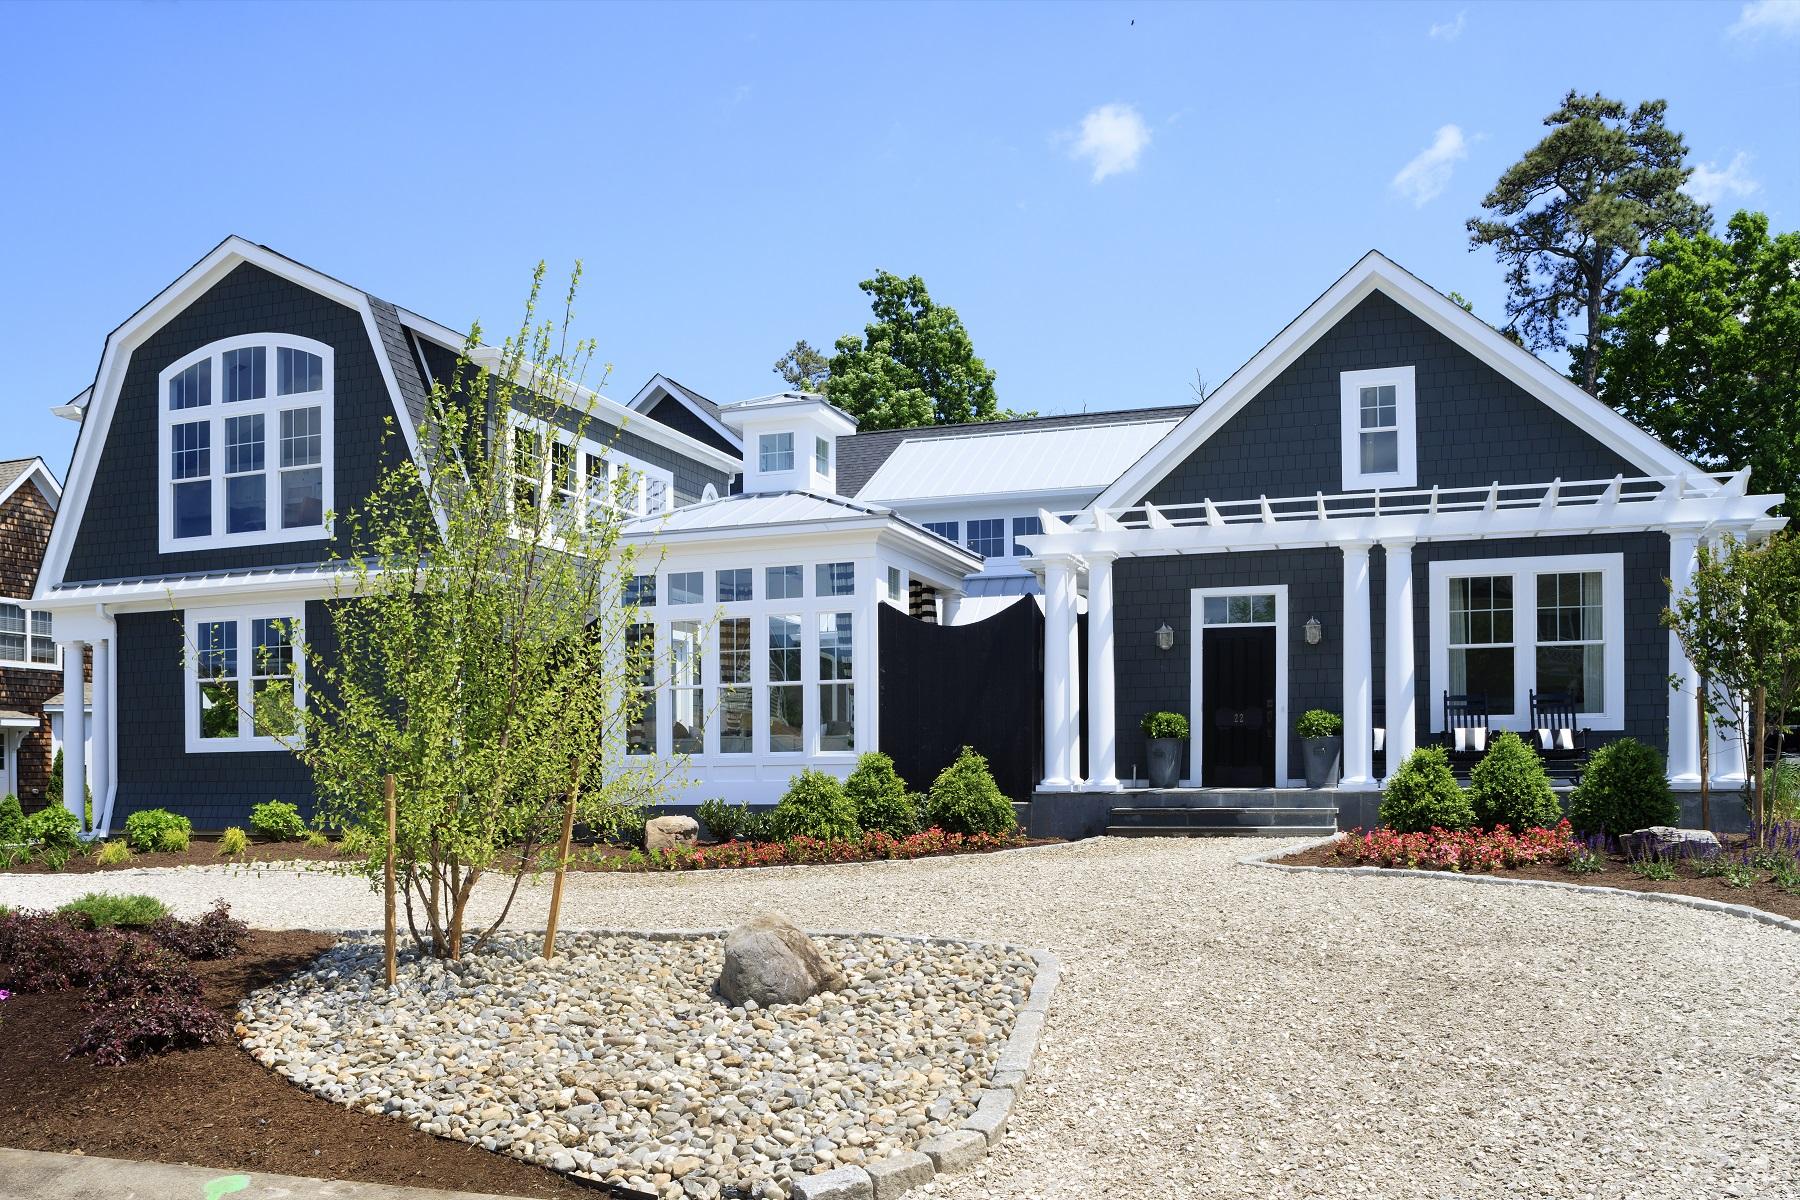 단독 가정 주택 용 매매 에 3 Winfield Farm Road Oxford, 메릴랜드, 21654 미국